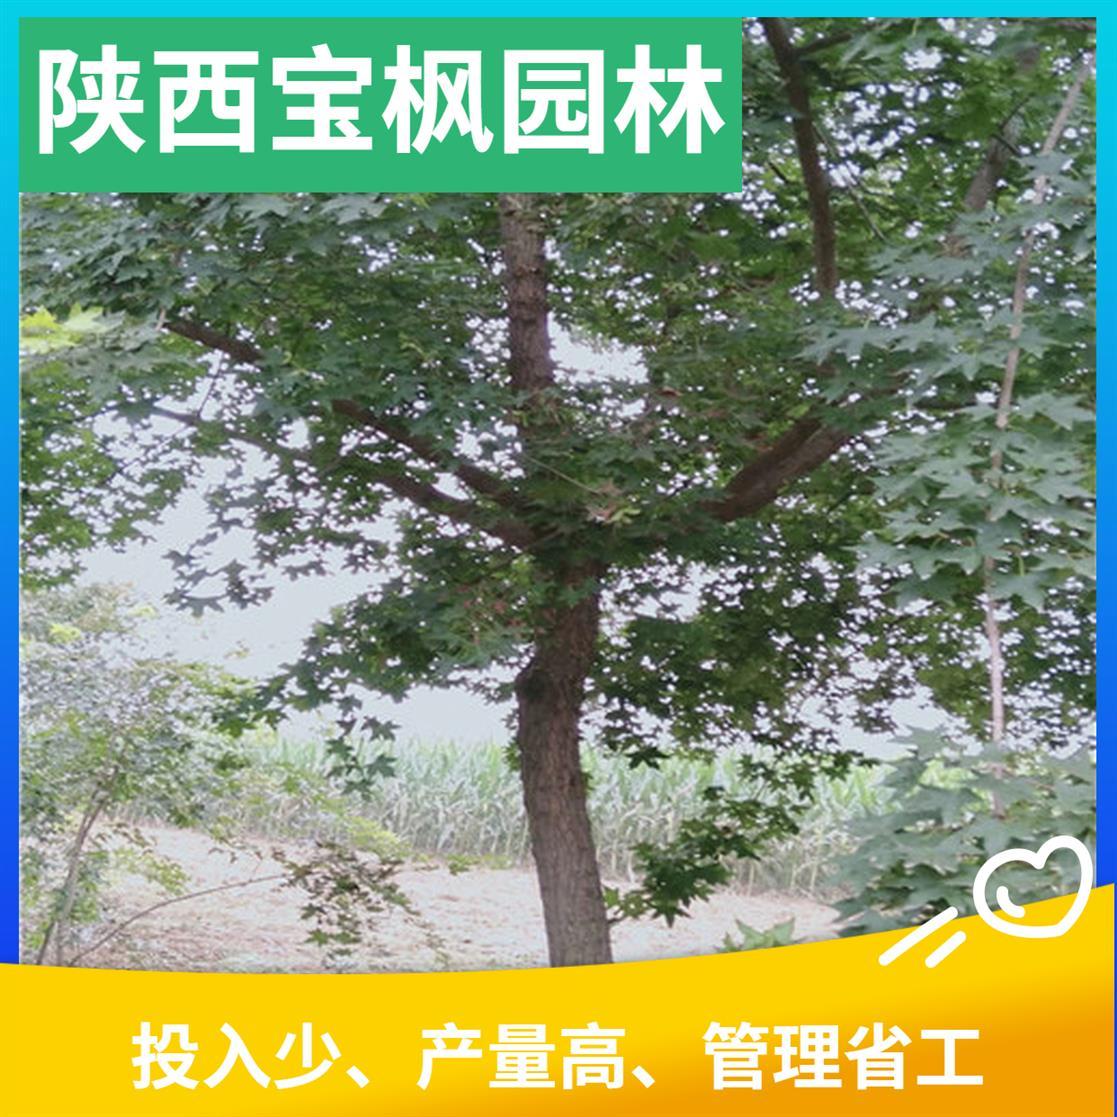 山东2-8公分元宝枫育苗技术 七叶树 发货快 量大易存活